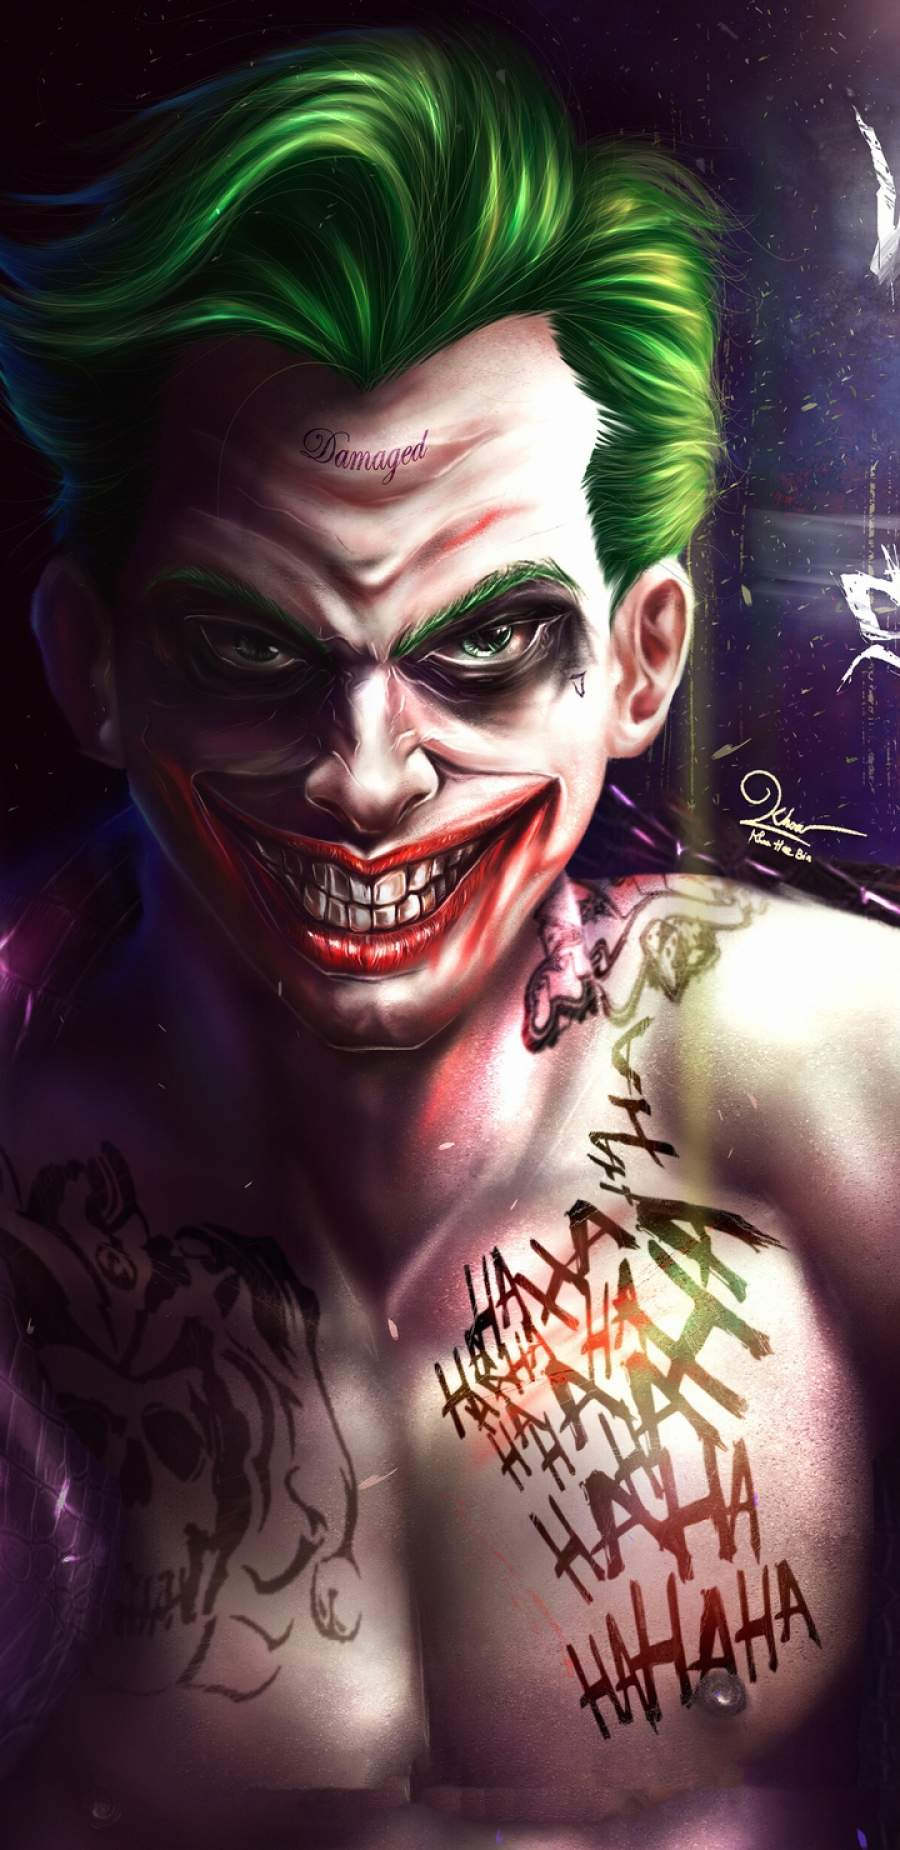 Joker 4k Art iPhone Wallpaper